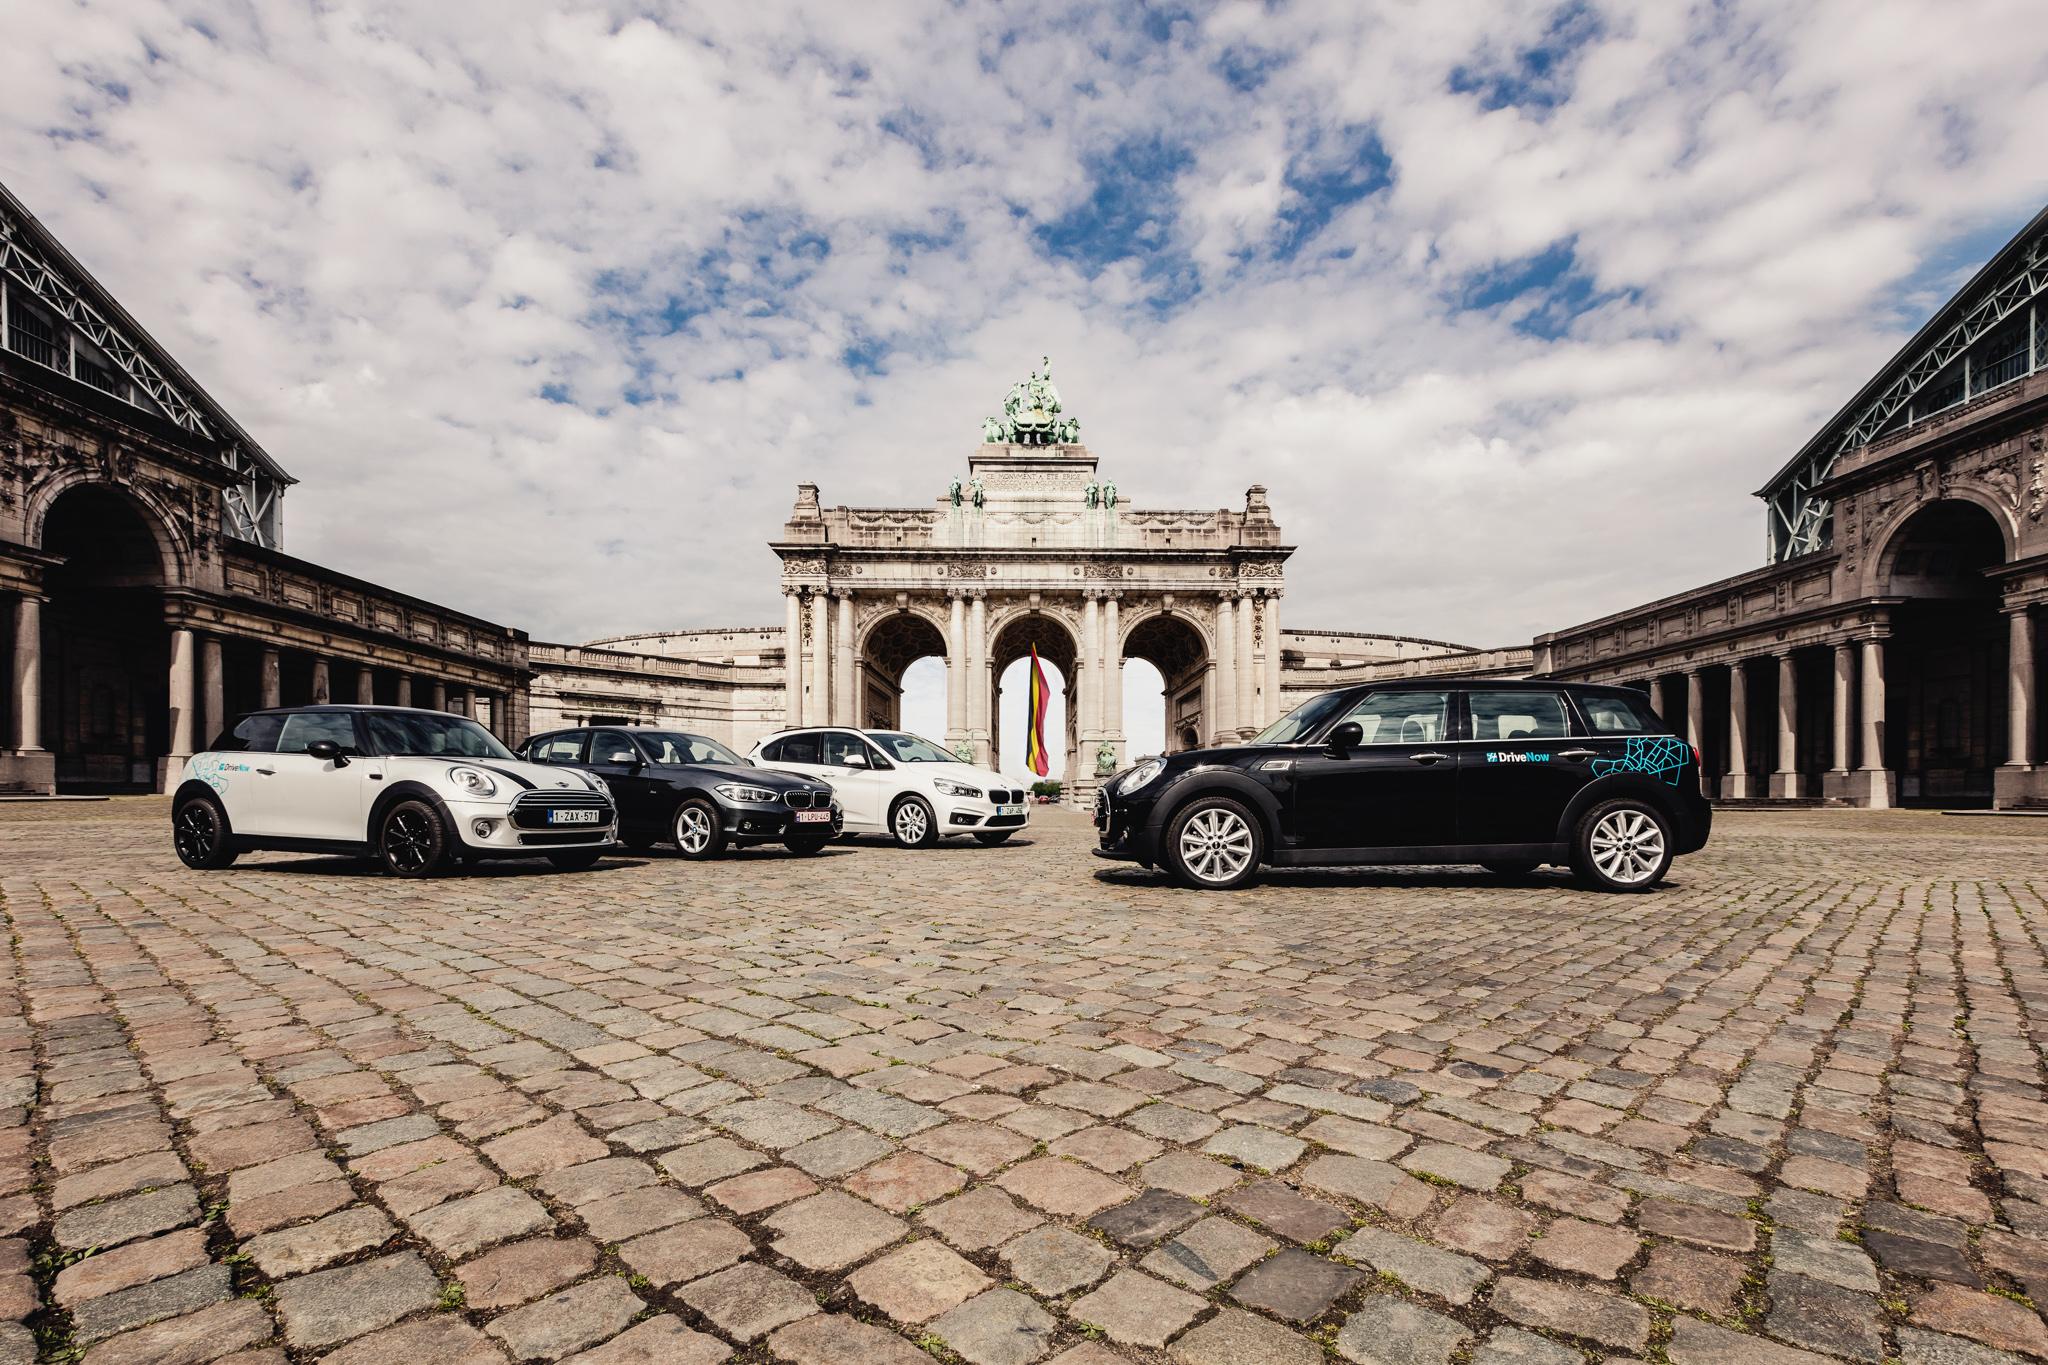 DriveNow, das Carsharing-Joint Venture der BMW Group und der Sixt SE, bietet in europäischen Metropolen hochwertige Premiumfahrzeuge der Marken BMW und MINI zur Miete nach dem Free-Floating Prinzip an. Die Fahrzeuge können innerhalb eines definierten Geschäftsgebietes stationsunabhängig angemietet und wieder abgestellt werden. Weit über eine halbe Million registrierte Kunden finden und reservieren die Fahrzeuge über die DriveNow App oder Website und können den Service städteübergreifend nutzen. DriveNow betreibt an den Standorten München, Berlin, Düsseldorf, Köln, Hamburg, Wien, London, Kopenhagen, Stockholm und Brüssel eine Flotte von insgesamt über 4.000 Fahrzeugen. Rund 20 Prozent davon sind elektrische BMW i3. Mehrere wissenschaftliche Studien belegen die Substitution von mindestens drei privaten PKW durch ein DriveNow Fahrzeug. DriveNow trägt so zur Entlastung der Verkehrssituation in Städten bei.